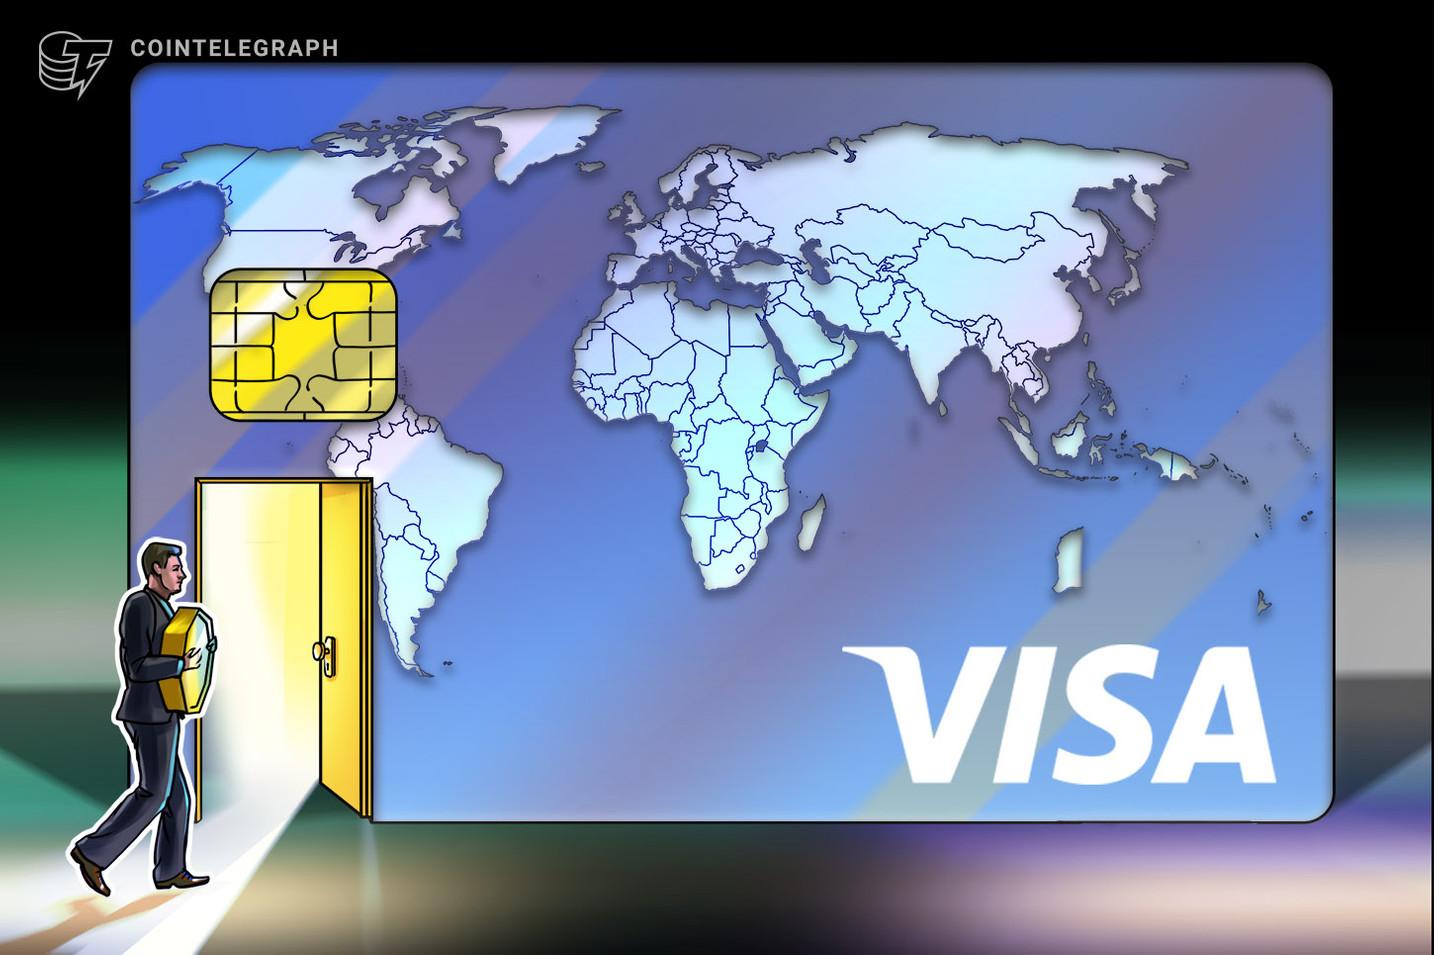 Chiliz e Socios, fornecedores de tokens para torcedores, lançam cartão de débito Visa